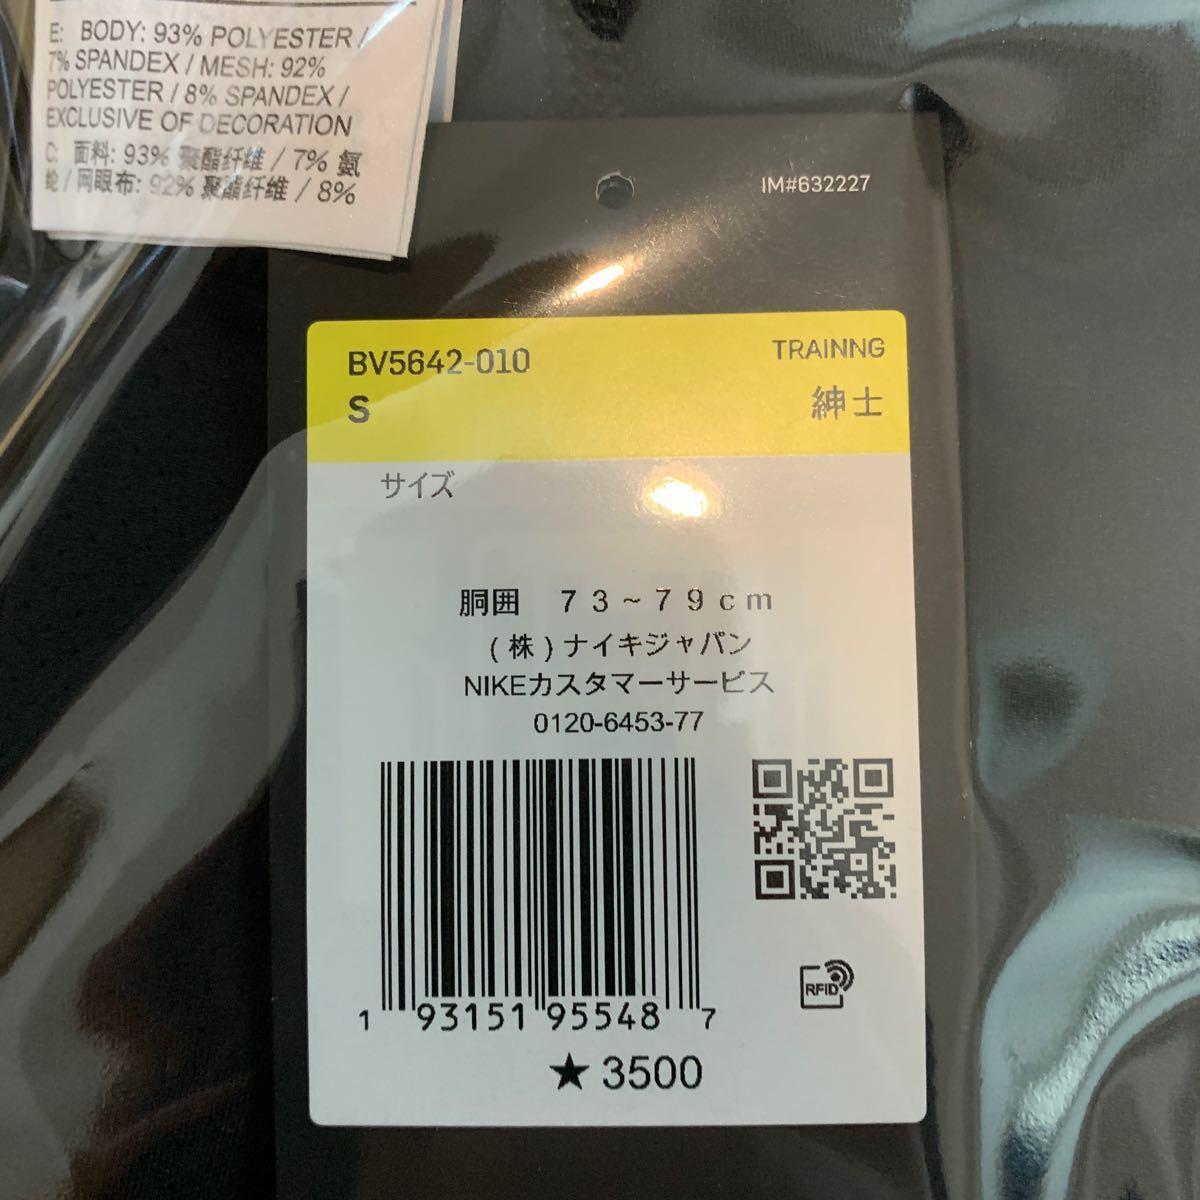 ナイキ メンズ コンプレッション ロングタイツ S タイツ BV5642 010 コンプレッションタイツ